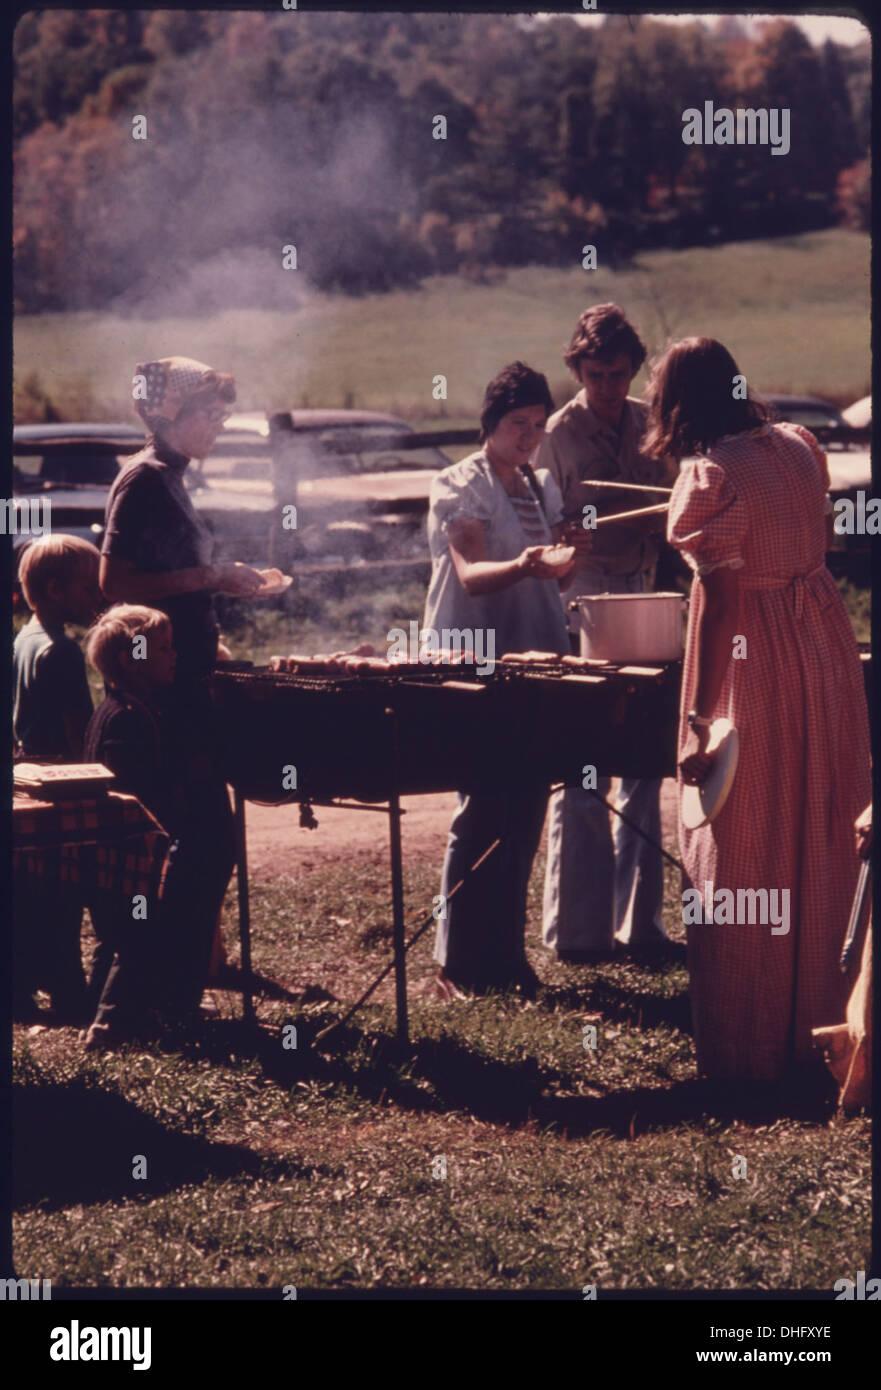 Semplice il cibo è servito da un dipendente in costume della Western Reserve Historical Society presso la fattoria di Hale e occidentale. 557934 Immagini Stock